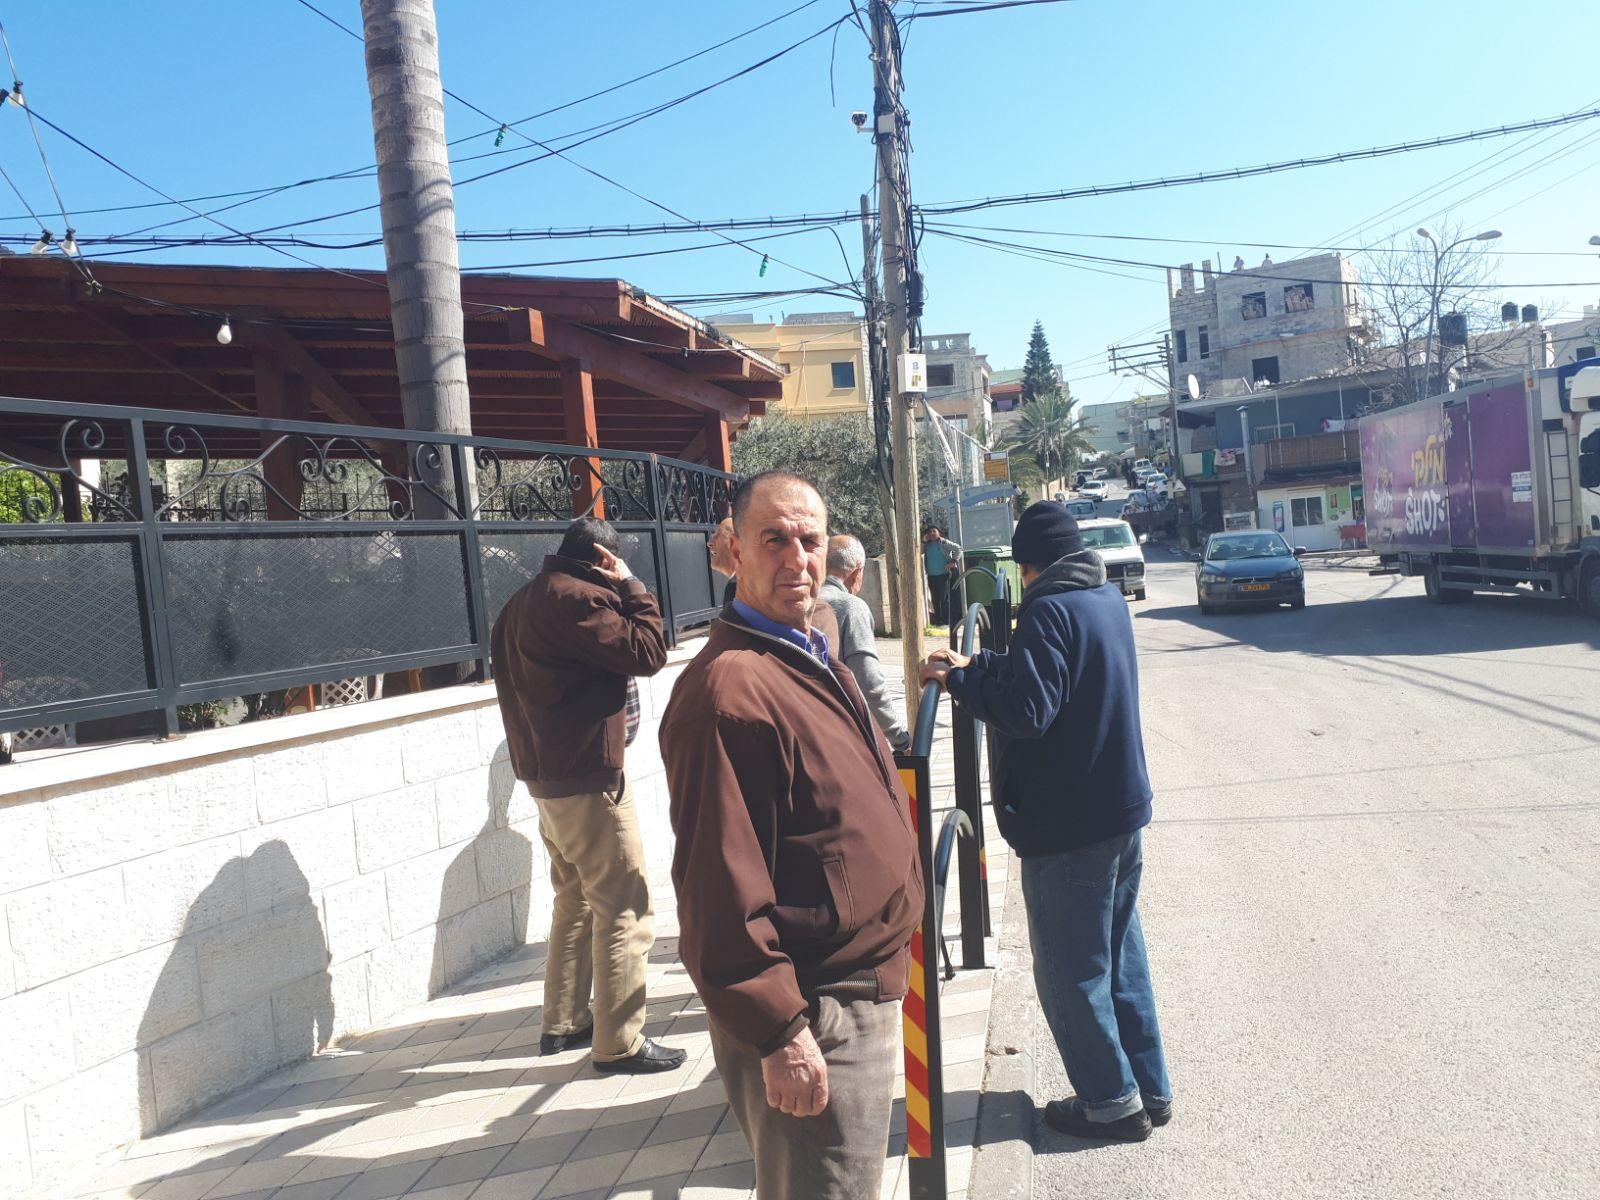 كفر كنا: إطلاق وابل من الرصاص على مسجد عمر بن الخطاب